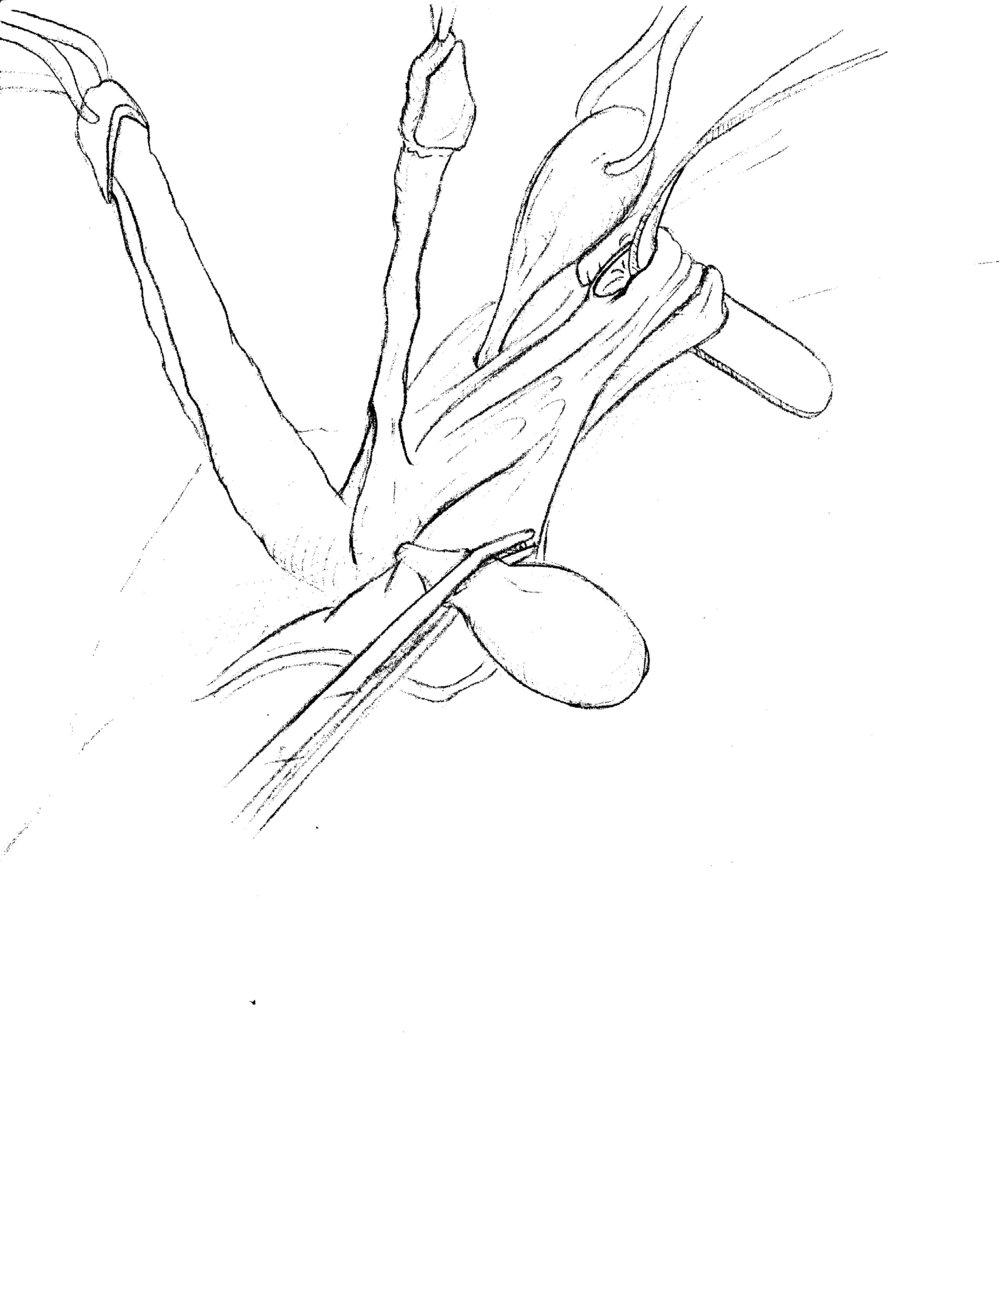 Vaginoplasty concept sketch